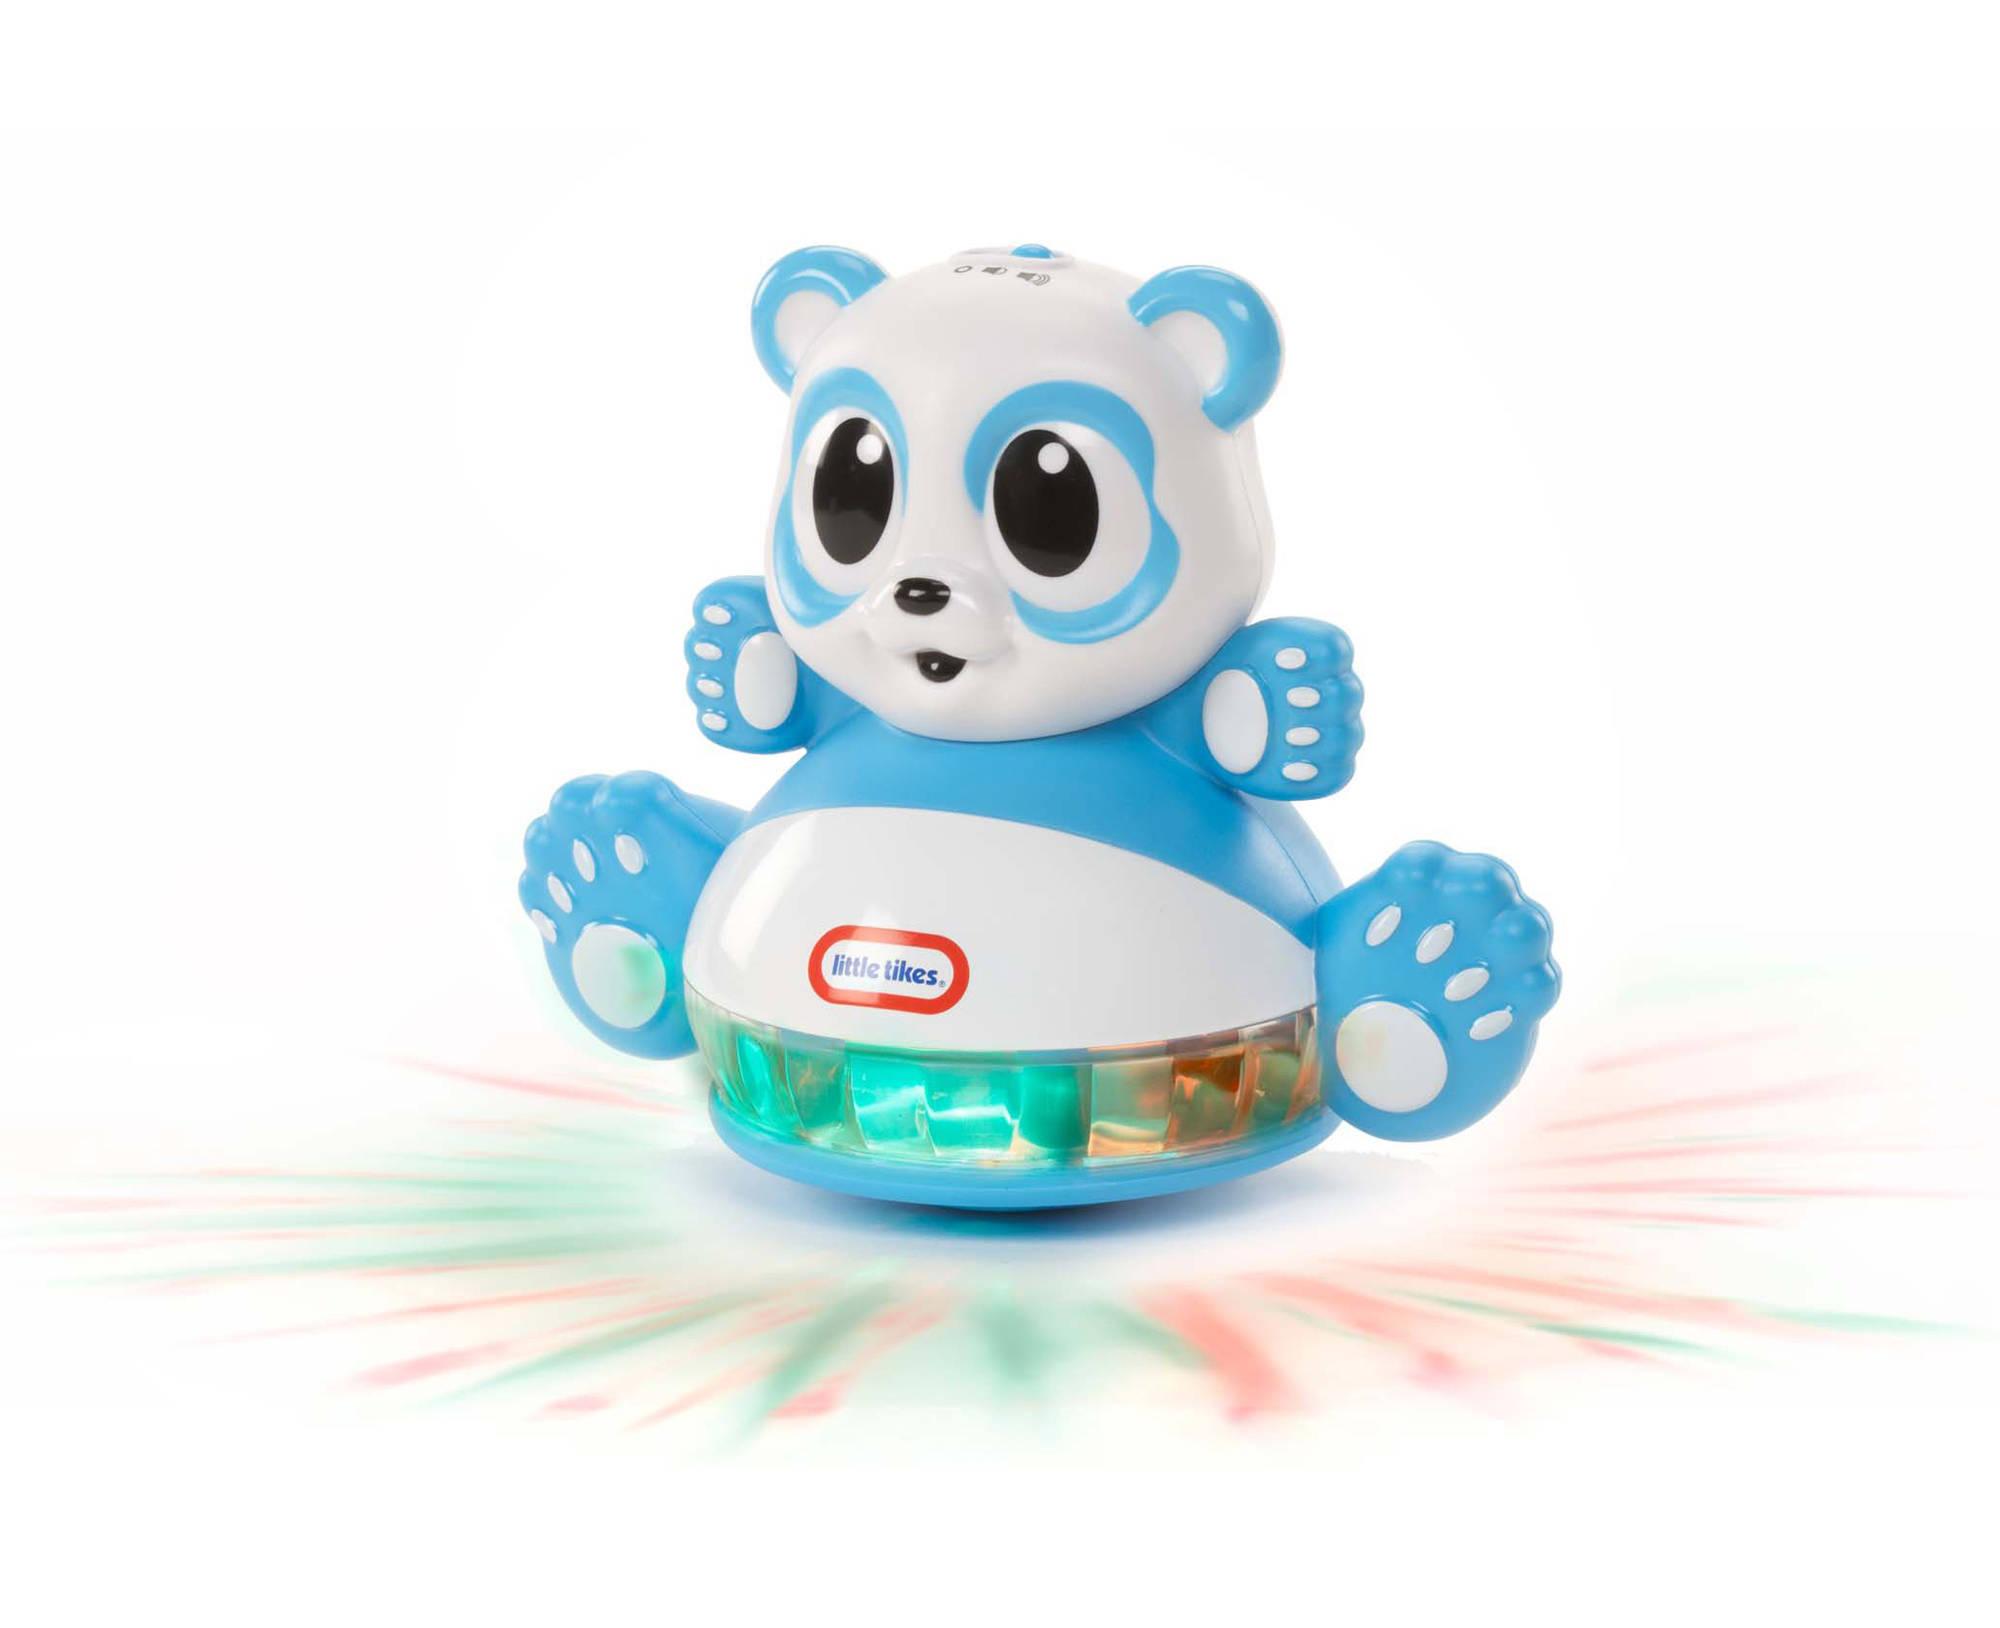 Игрушка развивающая Панда-неваляшка со световыми эффектамиРазвивающие игрушки Little Tikes<br>Игрушка развивающая Панда-неваляшка со световыми эффектами<br>